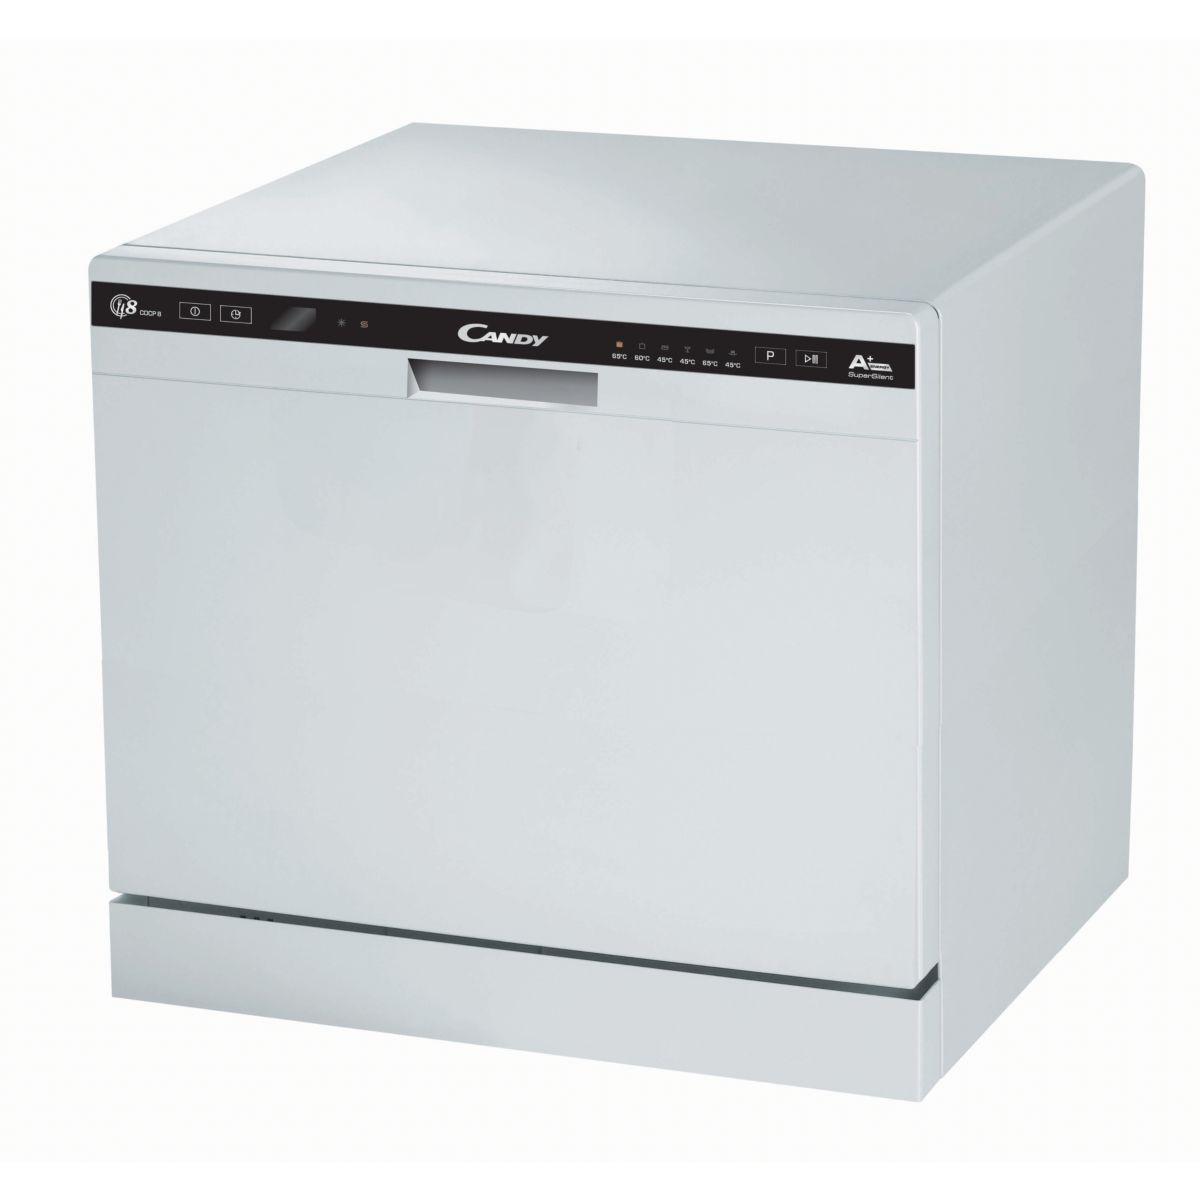 Lave-vaisselle 45cm candy cdcp 8/e - 20% de remise immédiate avec le code : cool20 (photo)